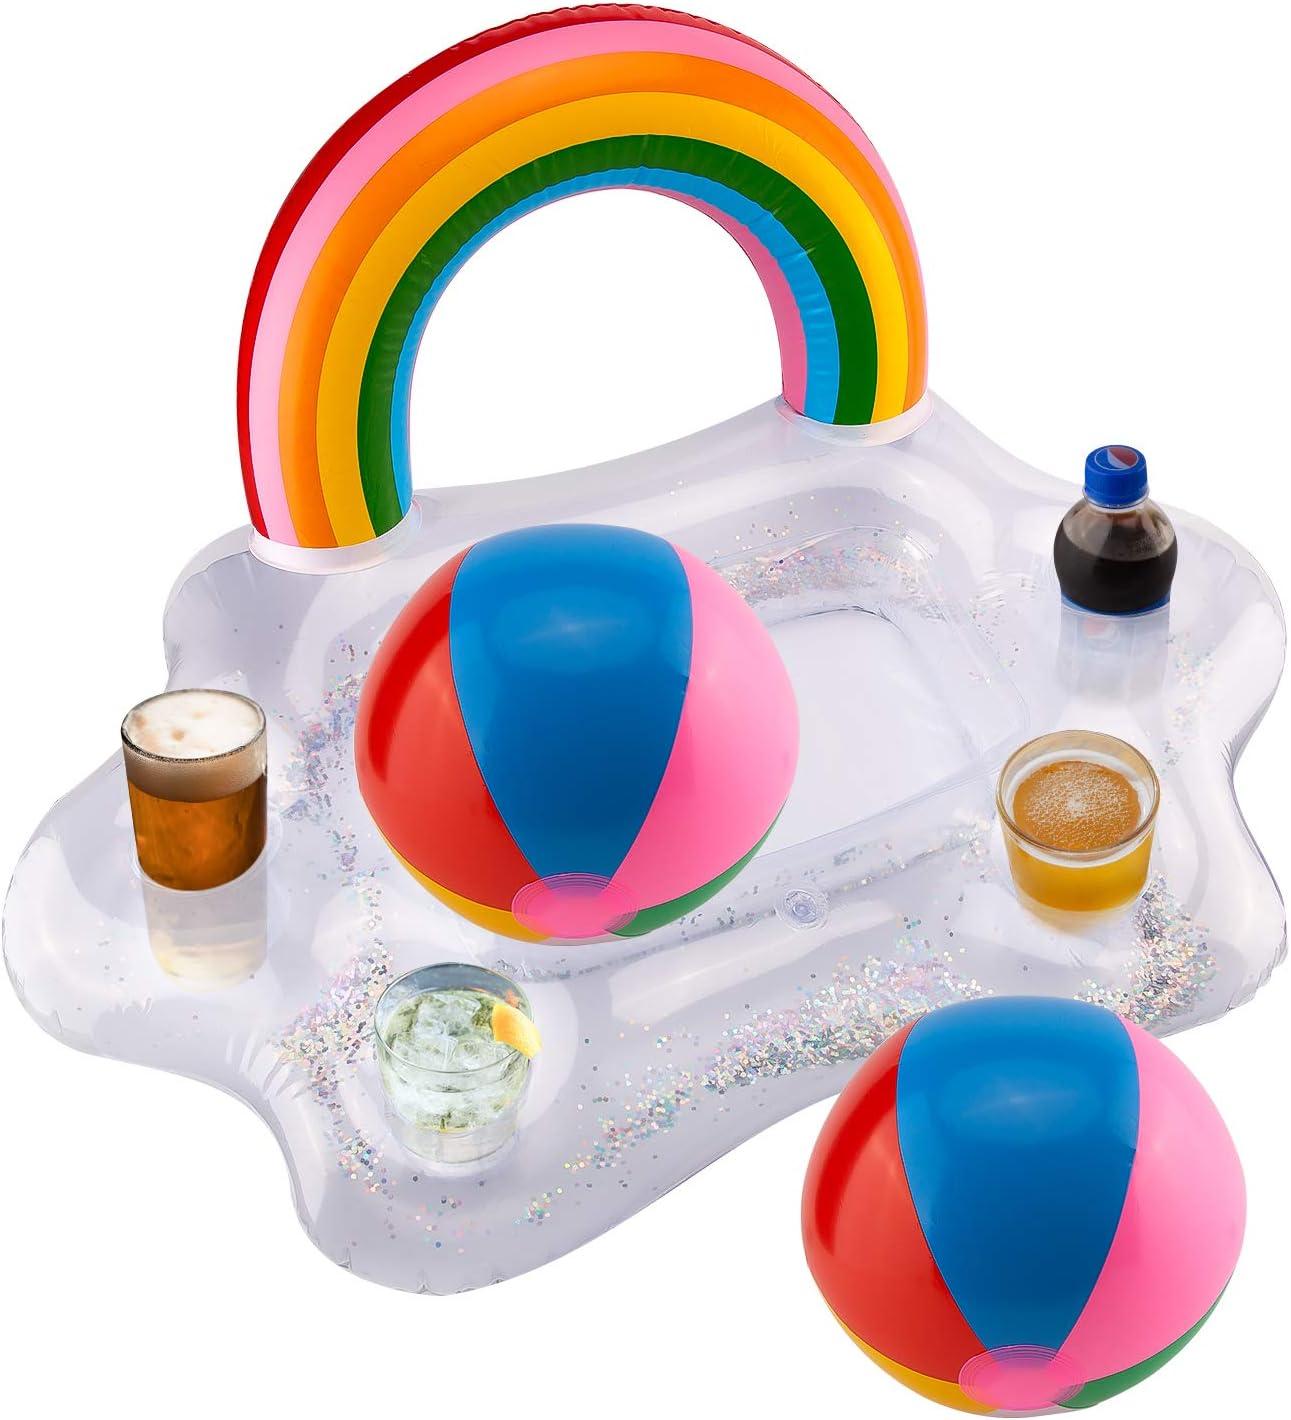 SAVITA Posavasos Hinchables - Inflable Rainbow Cloud Drink Holder con Pelota de Playa de 2 Piezas, Portavasos Flotador, Accesorios de Fiesta de Flotador de Piscina de Verano para Niños y Adultos